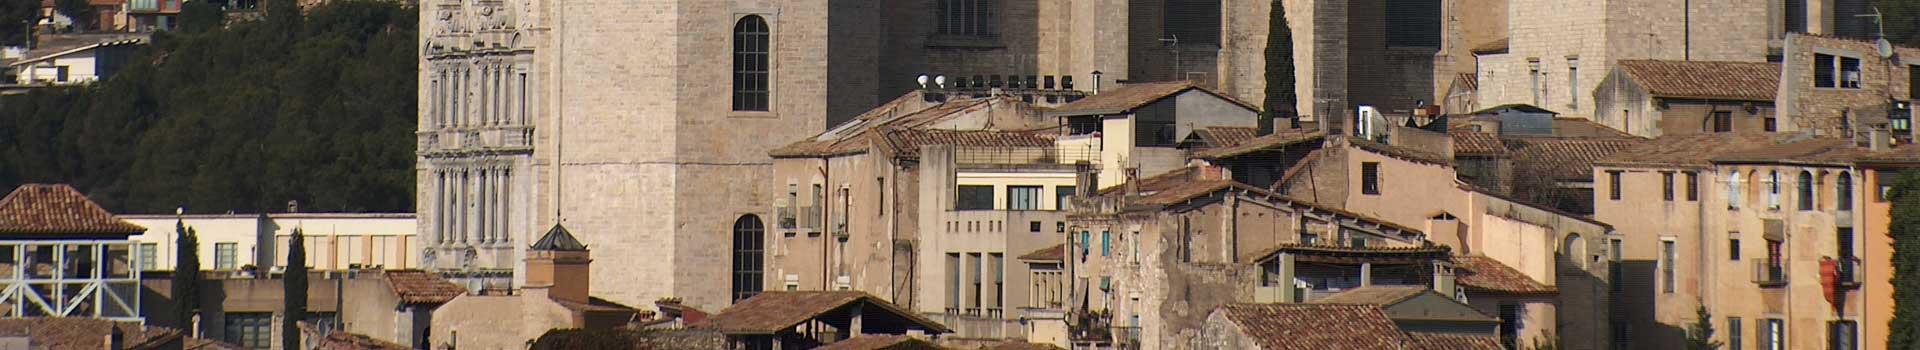 Vista del Call jueu de Girona des del Centre Geriàtric Maria Gay